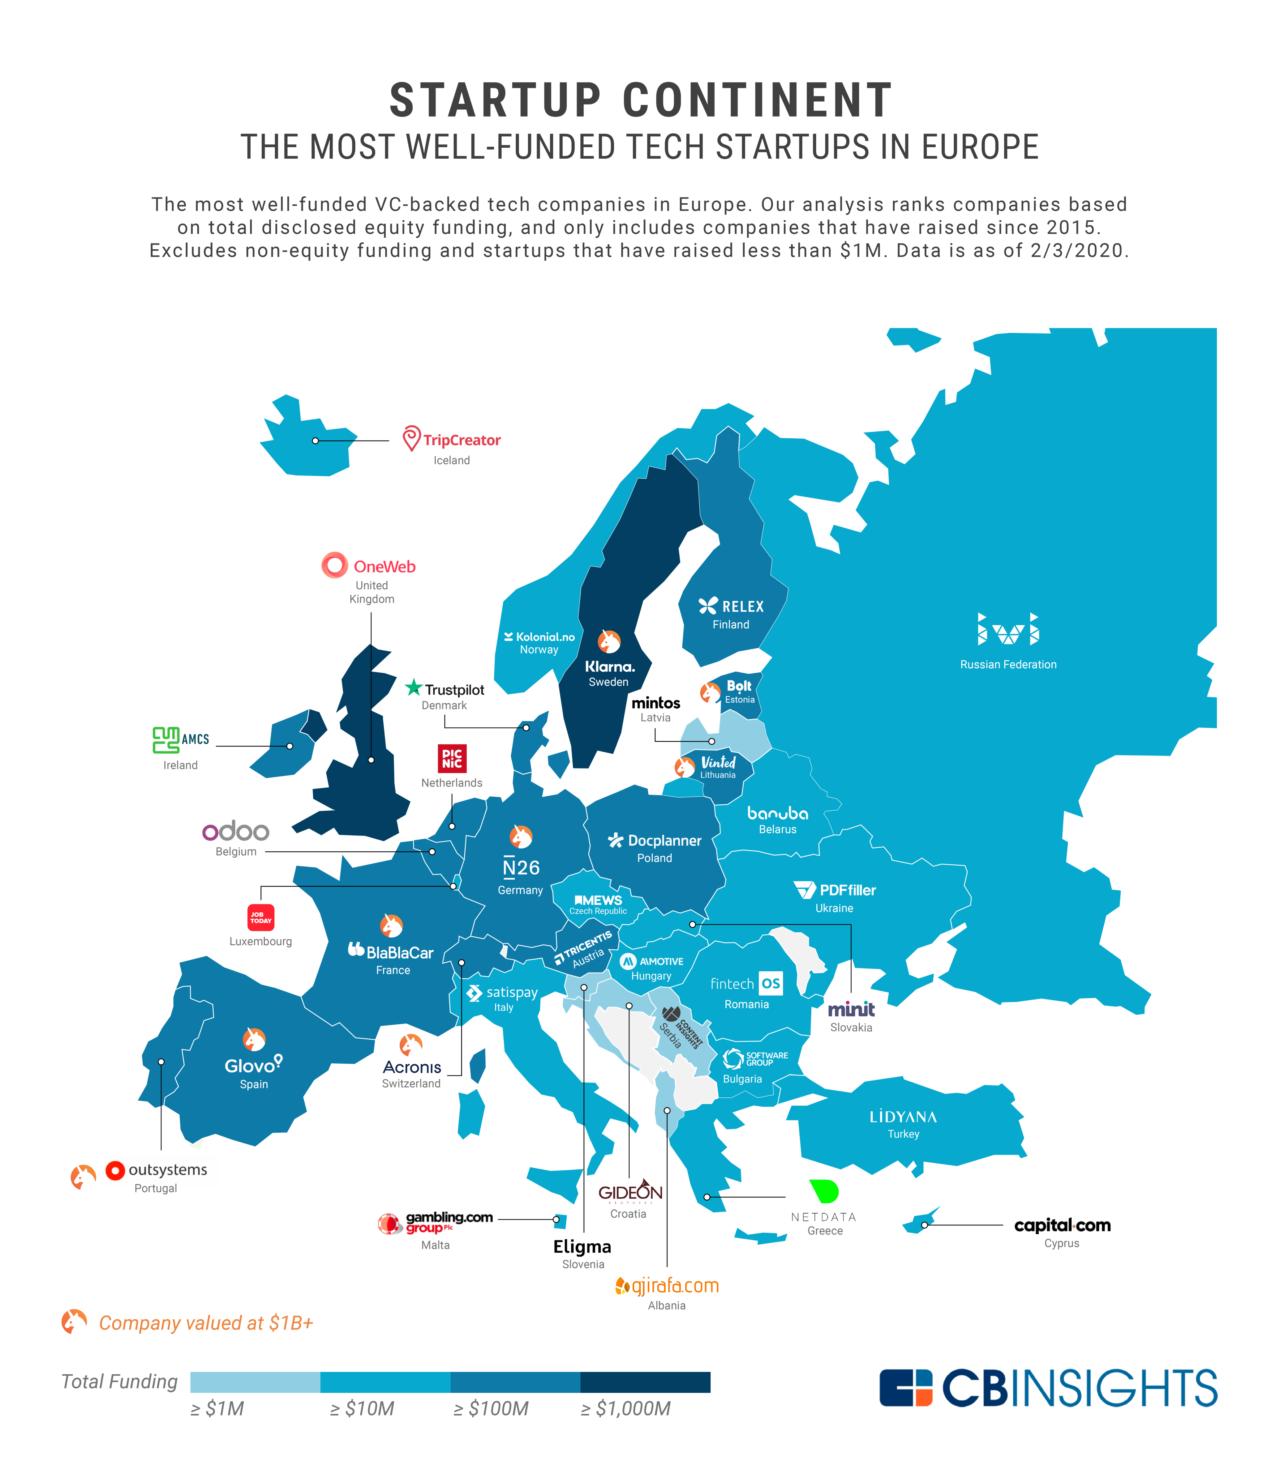 Инфографика: европейские технологические компании, которые привлекли больше всего инвестиций